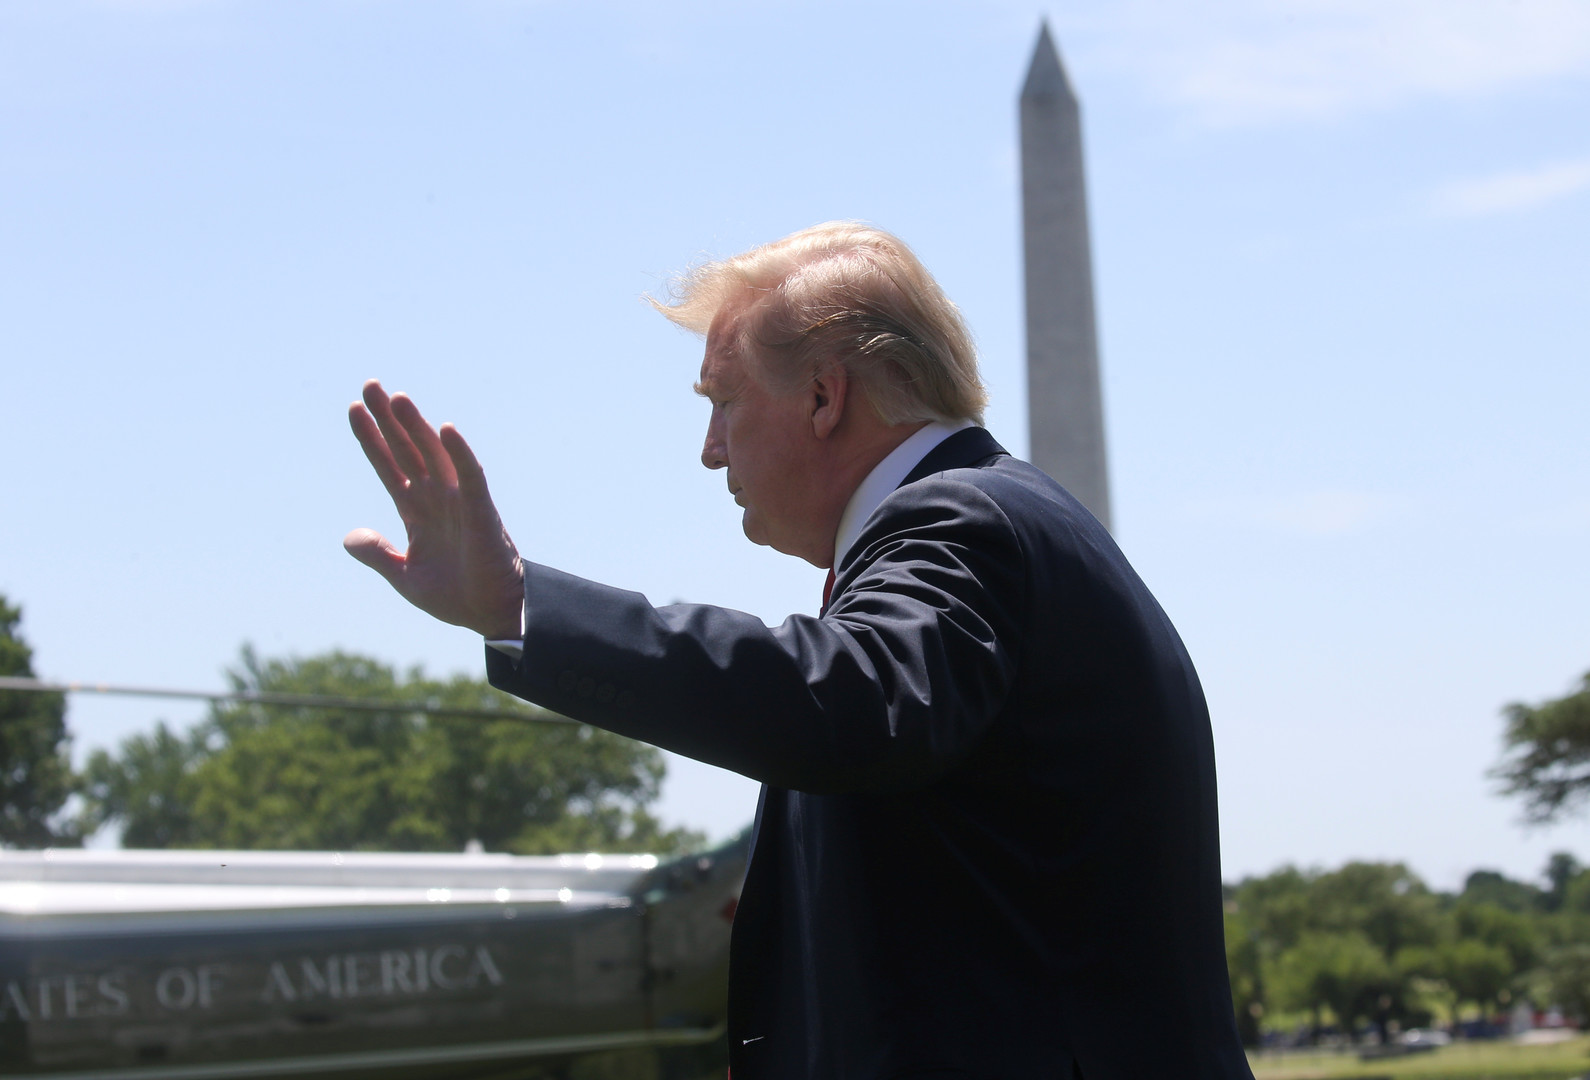 وزير خارجية أمريكي لعدة ساعات: ترامب قد يخسر الانتخابات المقبلة بسبب الحرب التجارية مع الصين